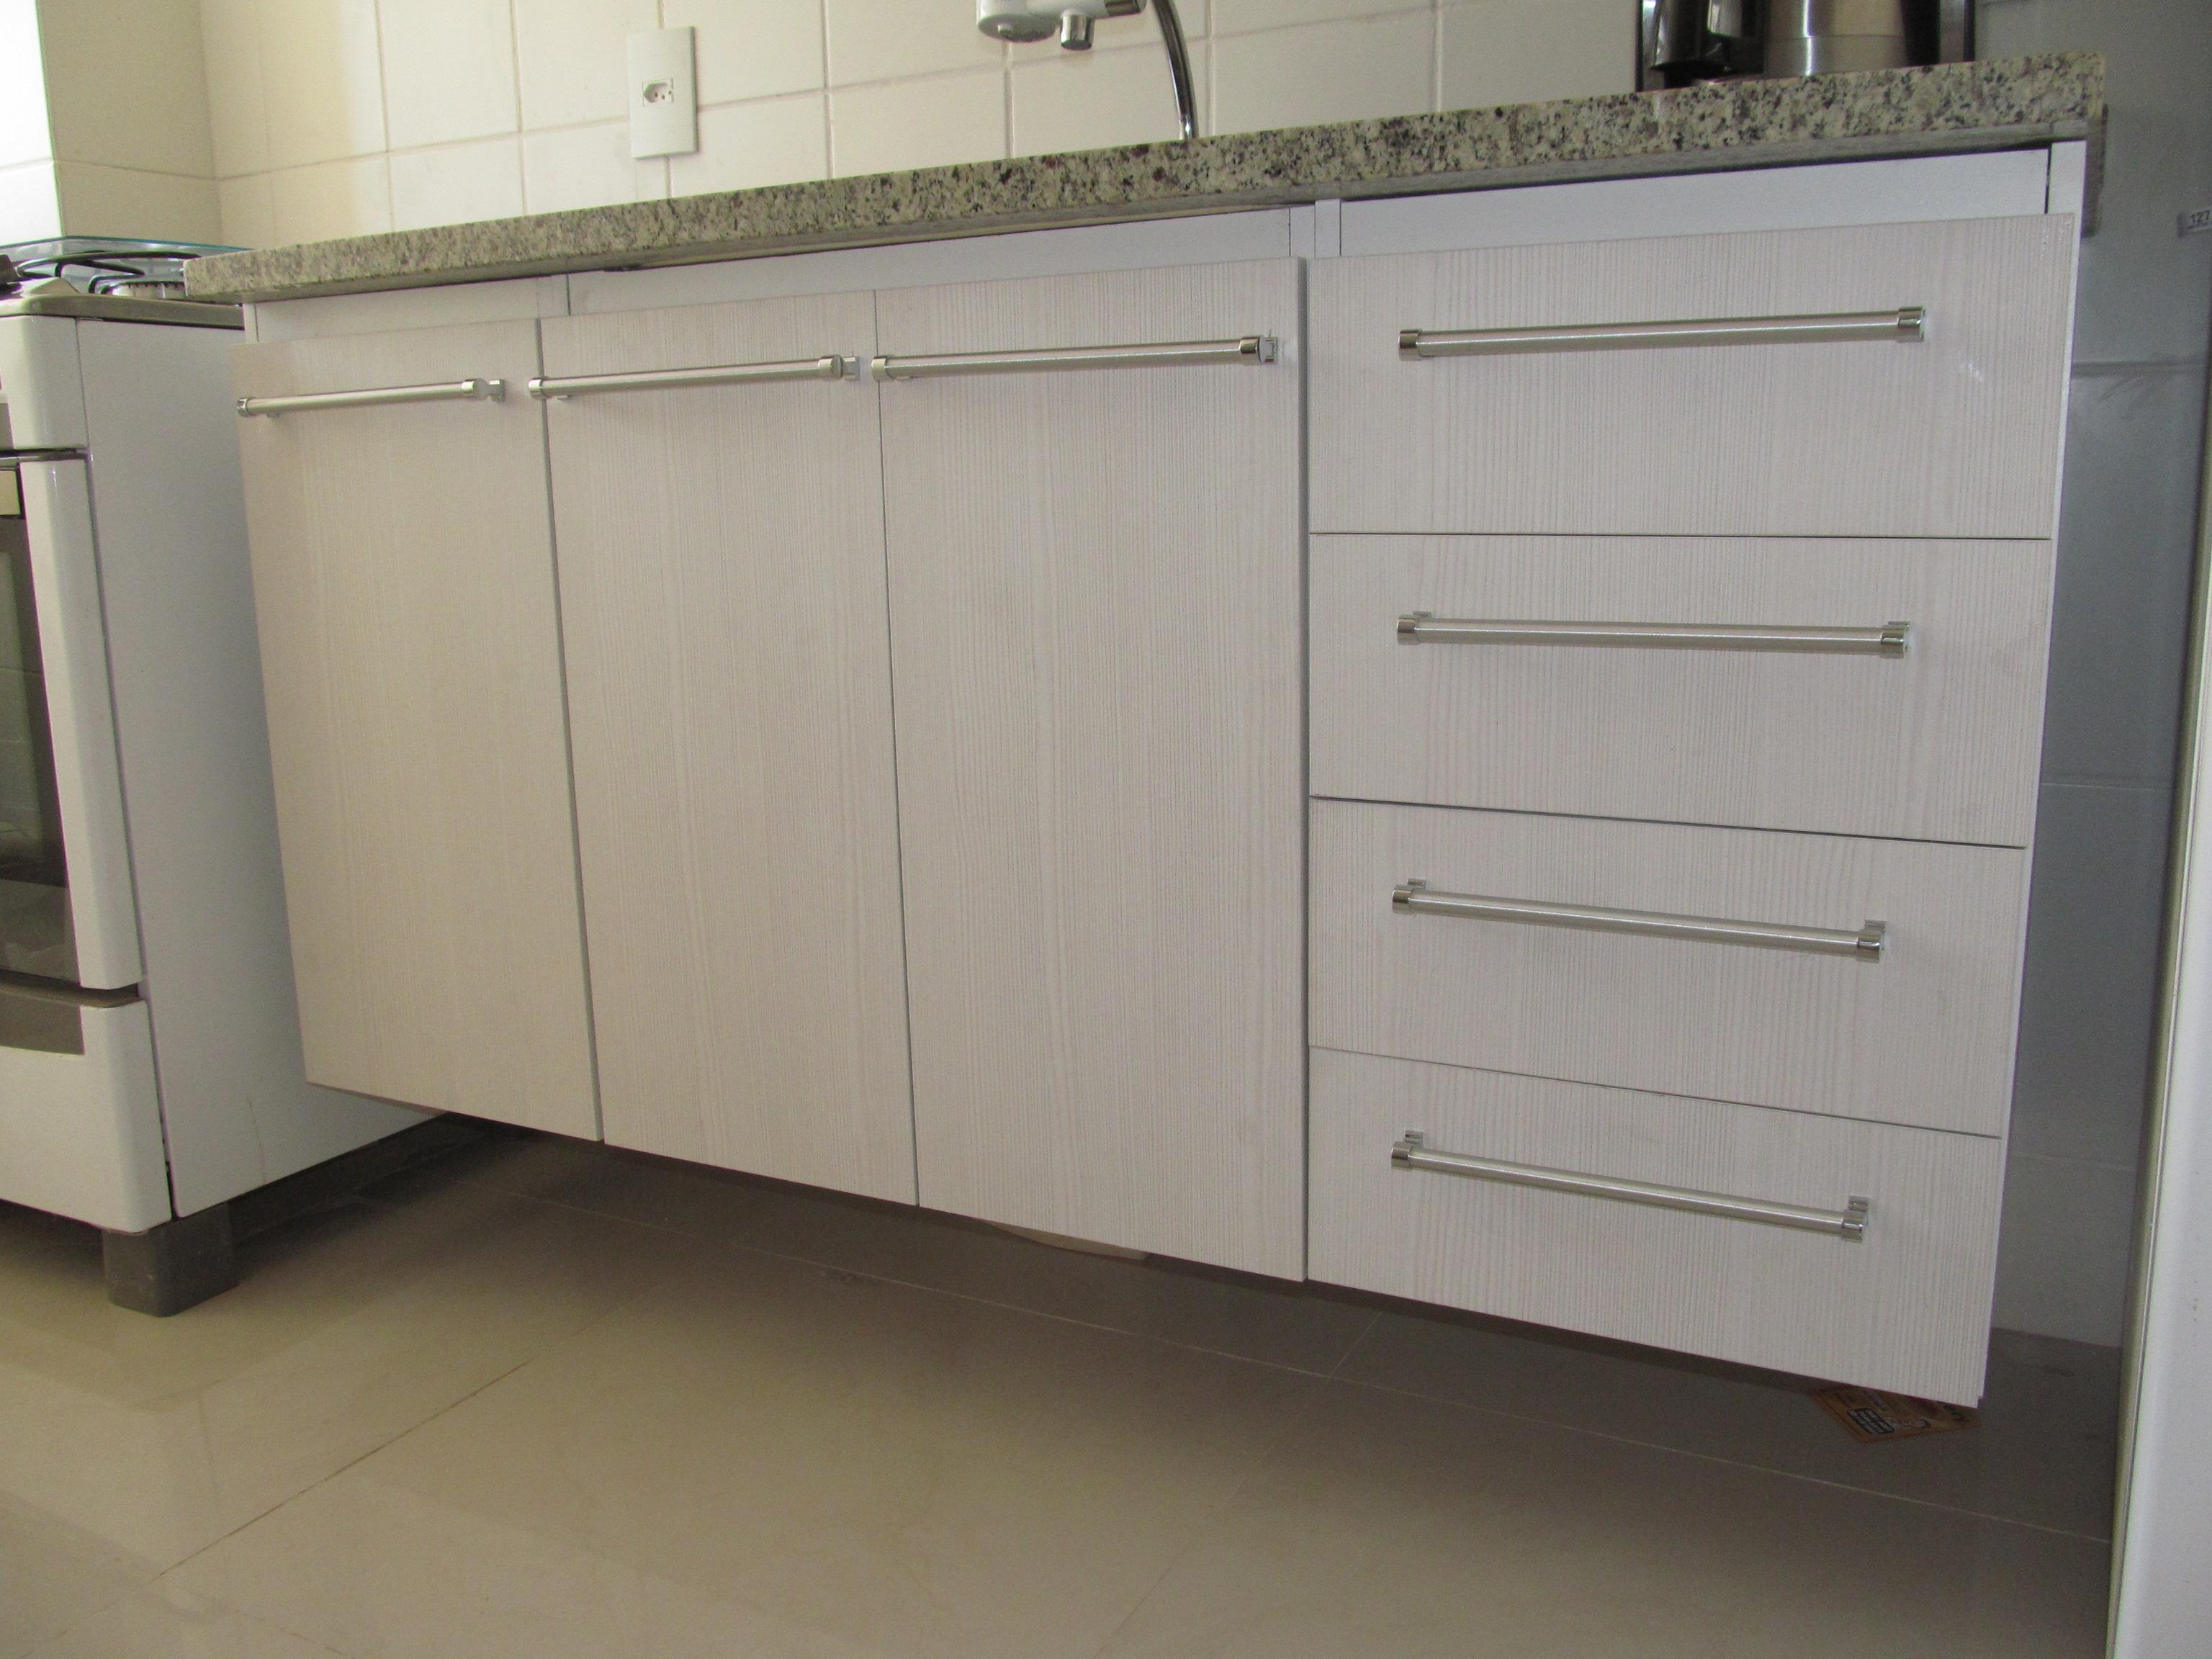 Finalmente os Móveis Planejados da Cozinha!!! – Italínea a saga  #776E54 3072 2304